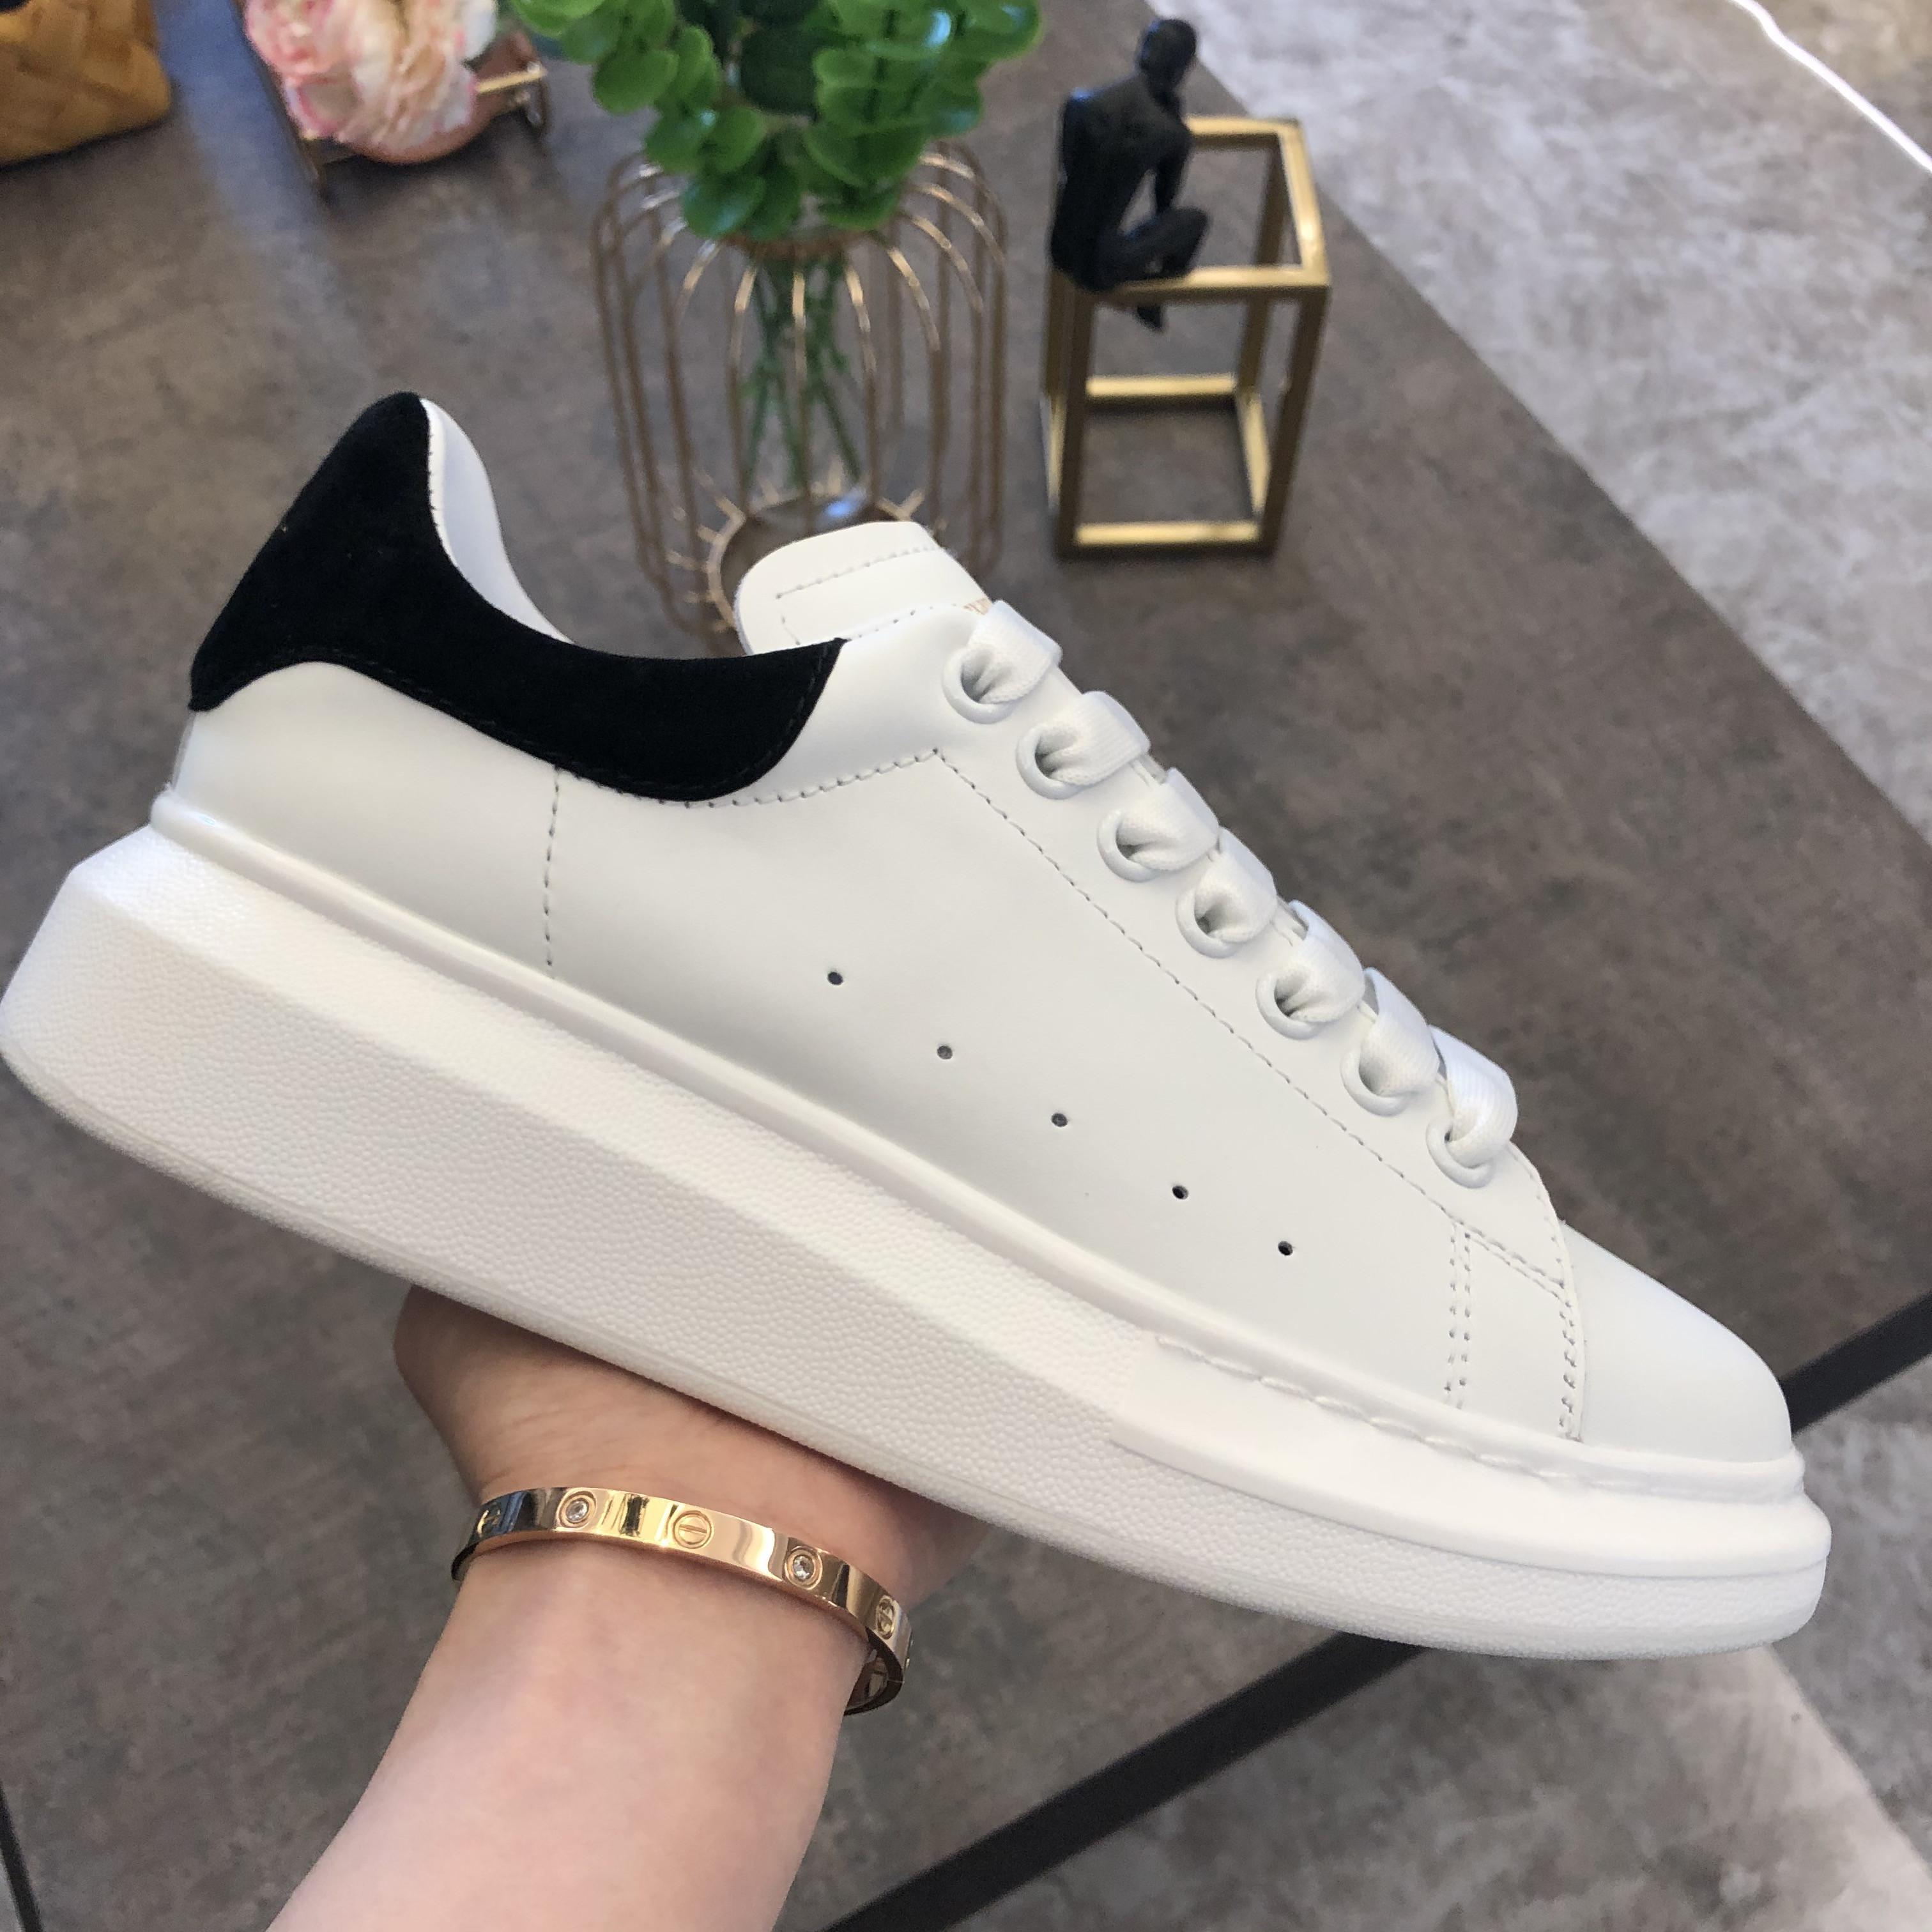 2020 calzados informales para mujer para hombre de gran tamaño Marfil Negro zapatillas de deporte de la plataforma del cuero plana Zapatos deportivos Zapatillas formadores de ocio